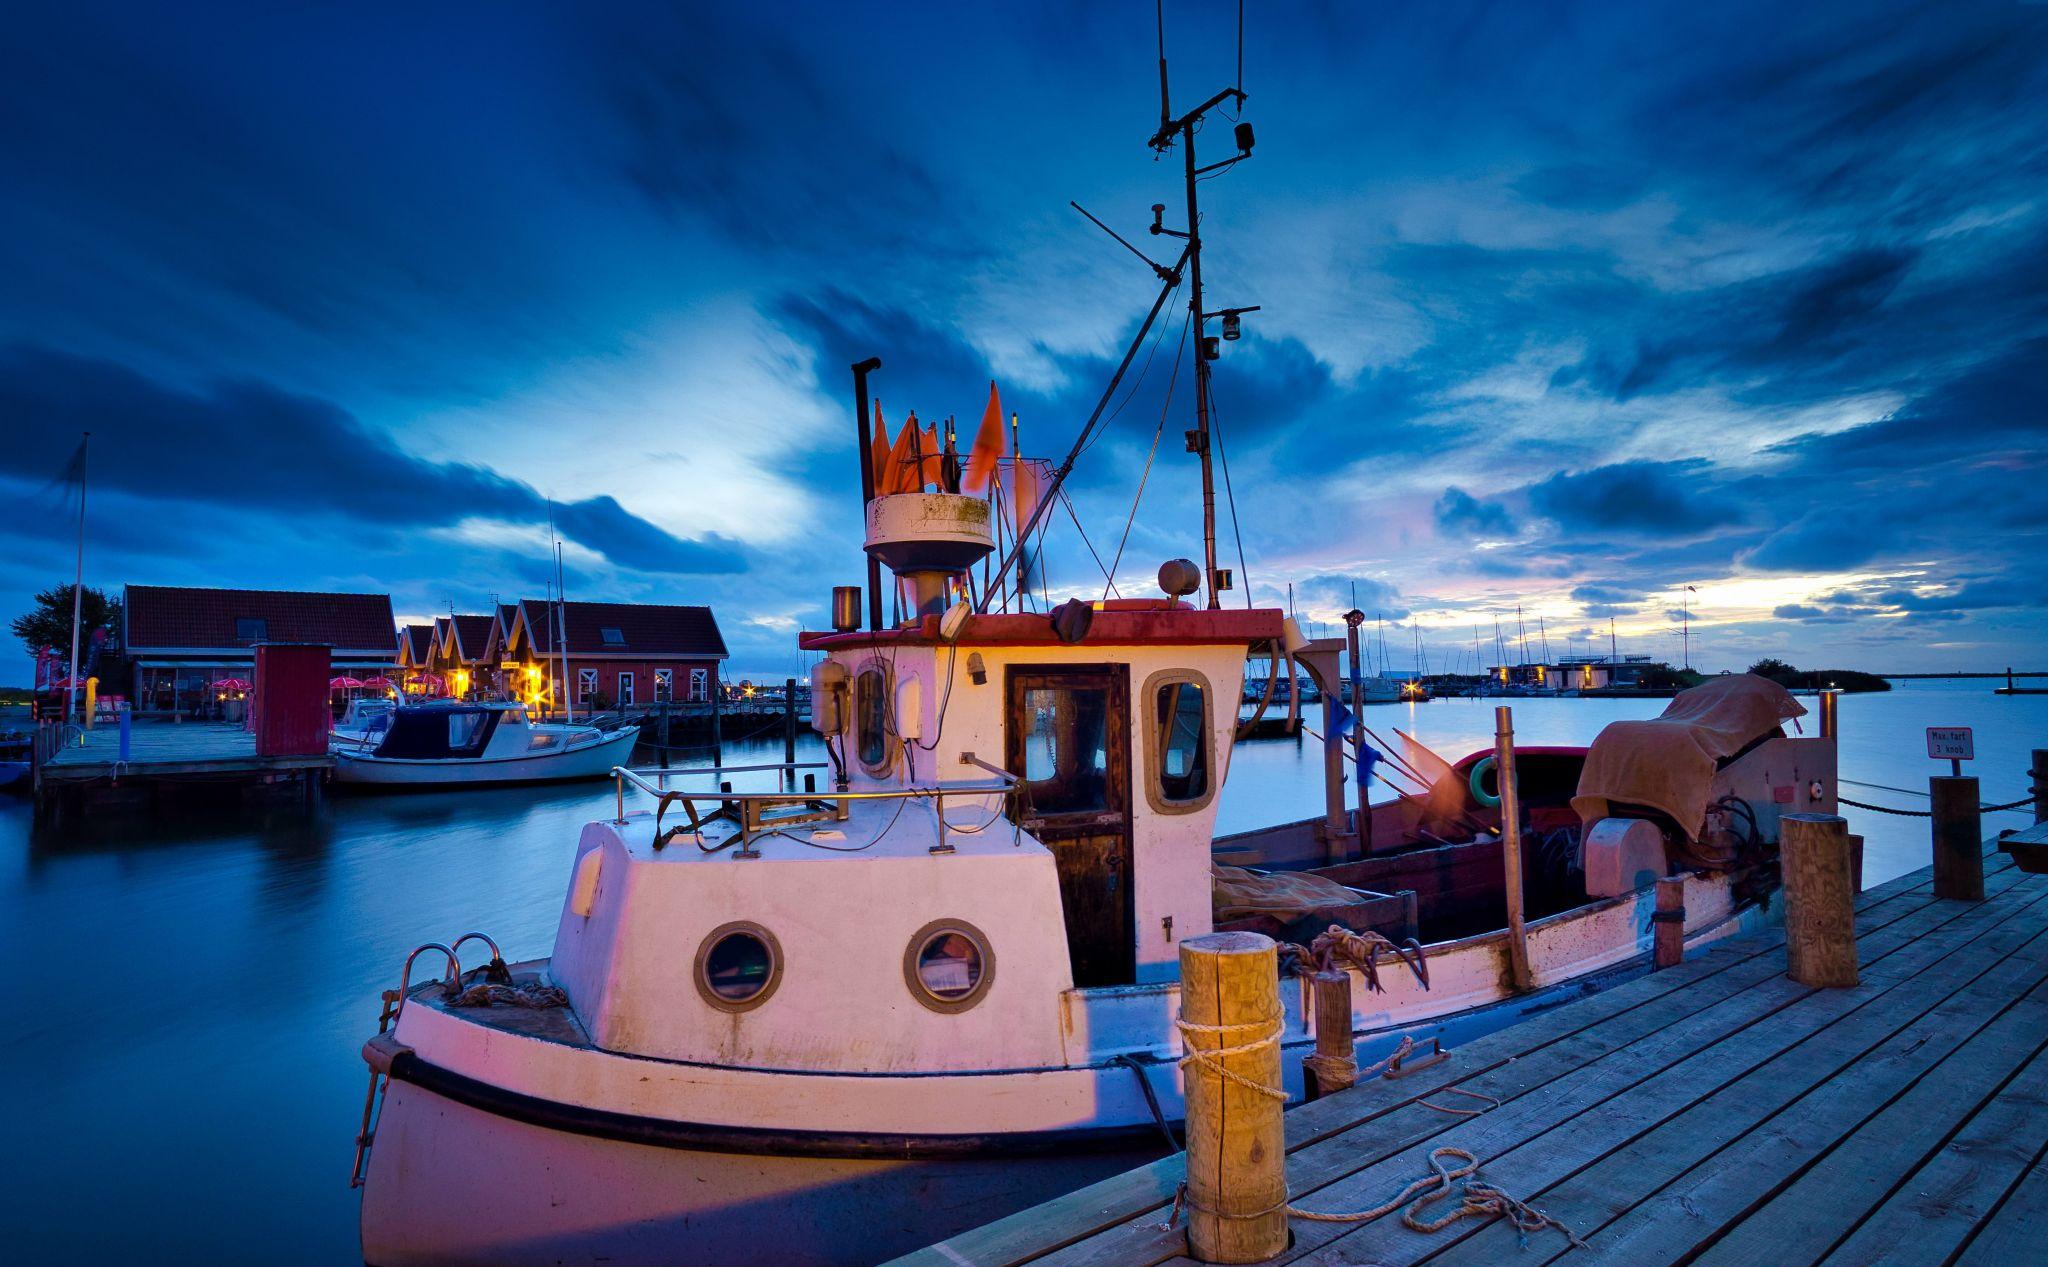 Bork Havn, Denmark